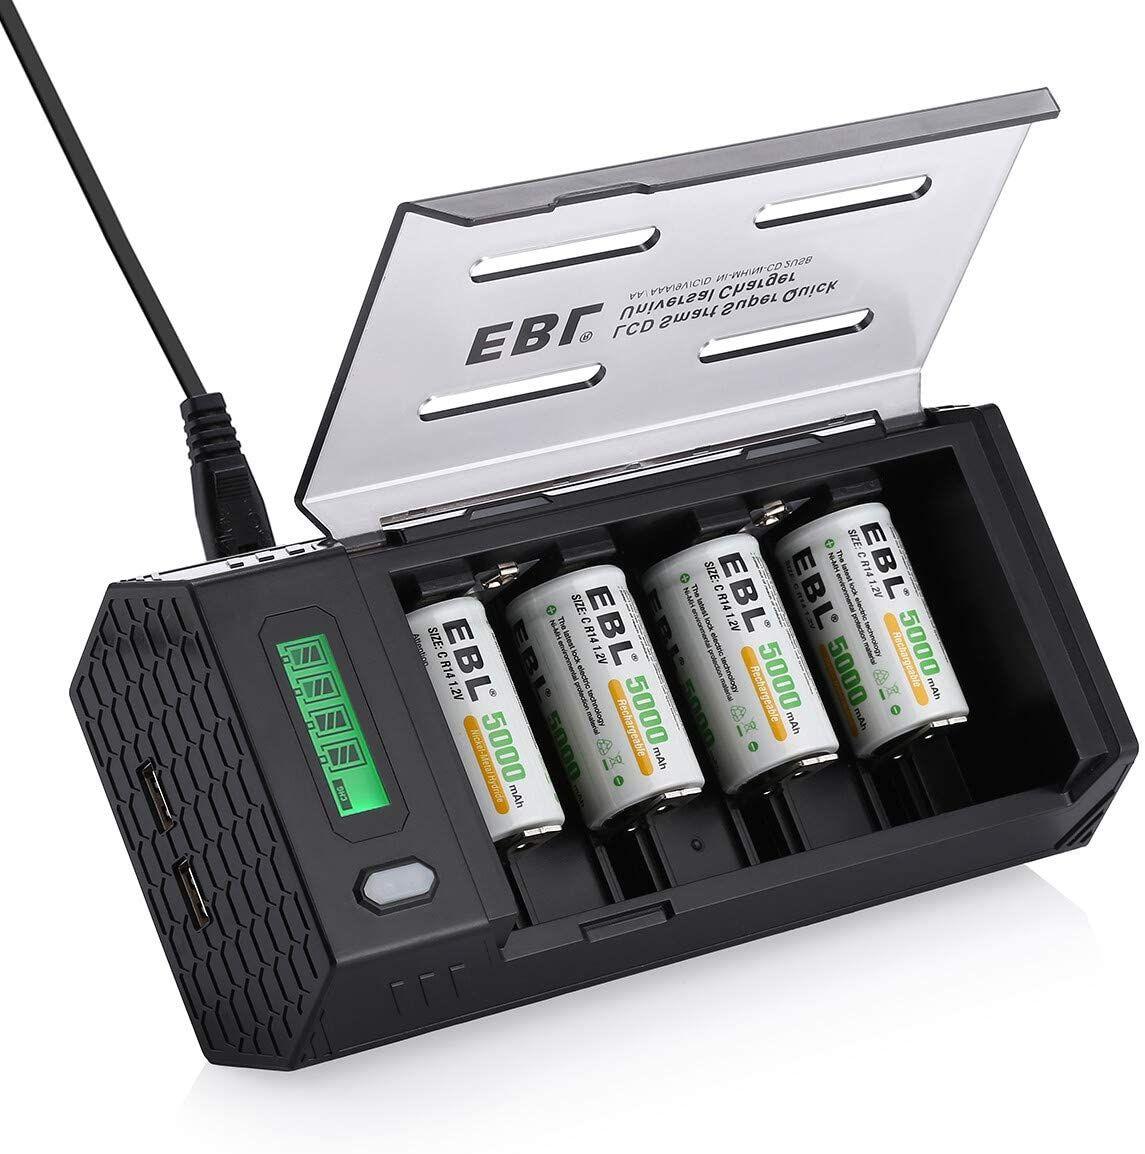 EBL LCD Cargador de Pilas con 4 Pilas Recargables 5000mAh y dos salidas USB para carga